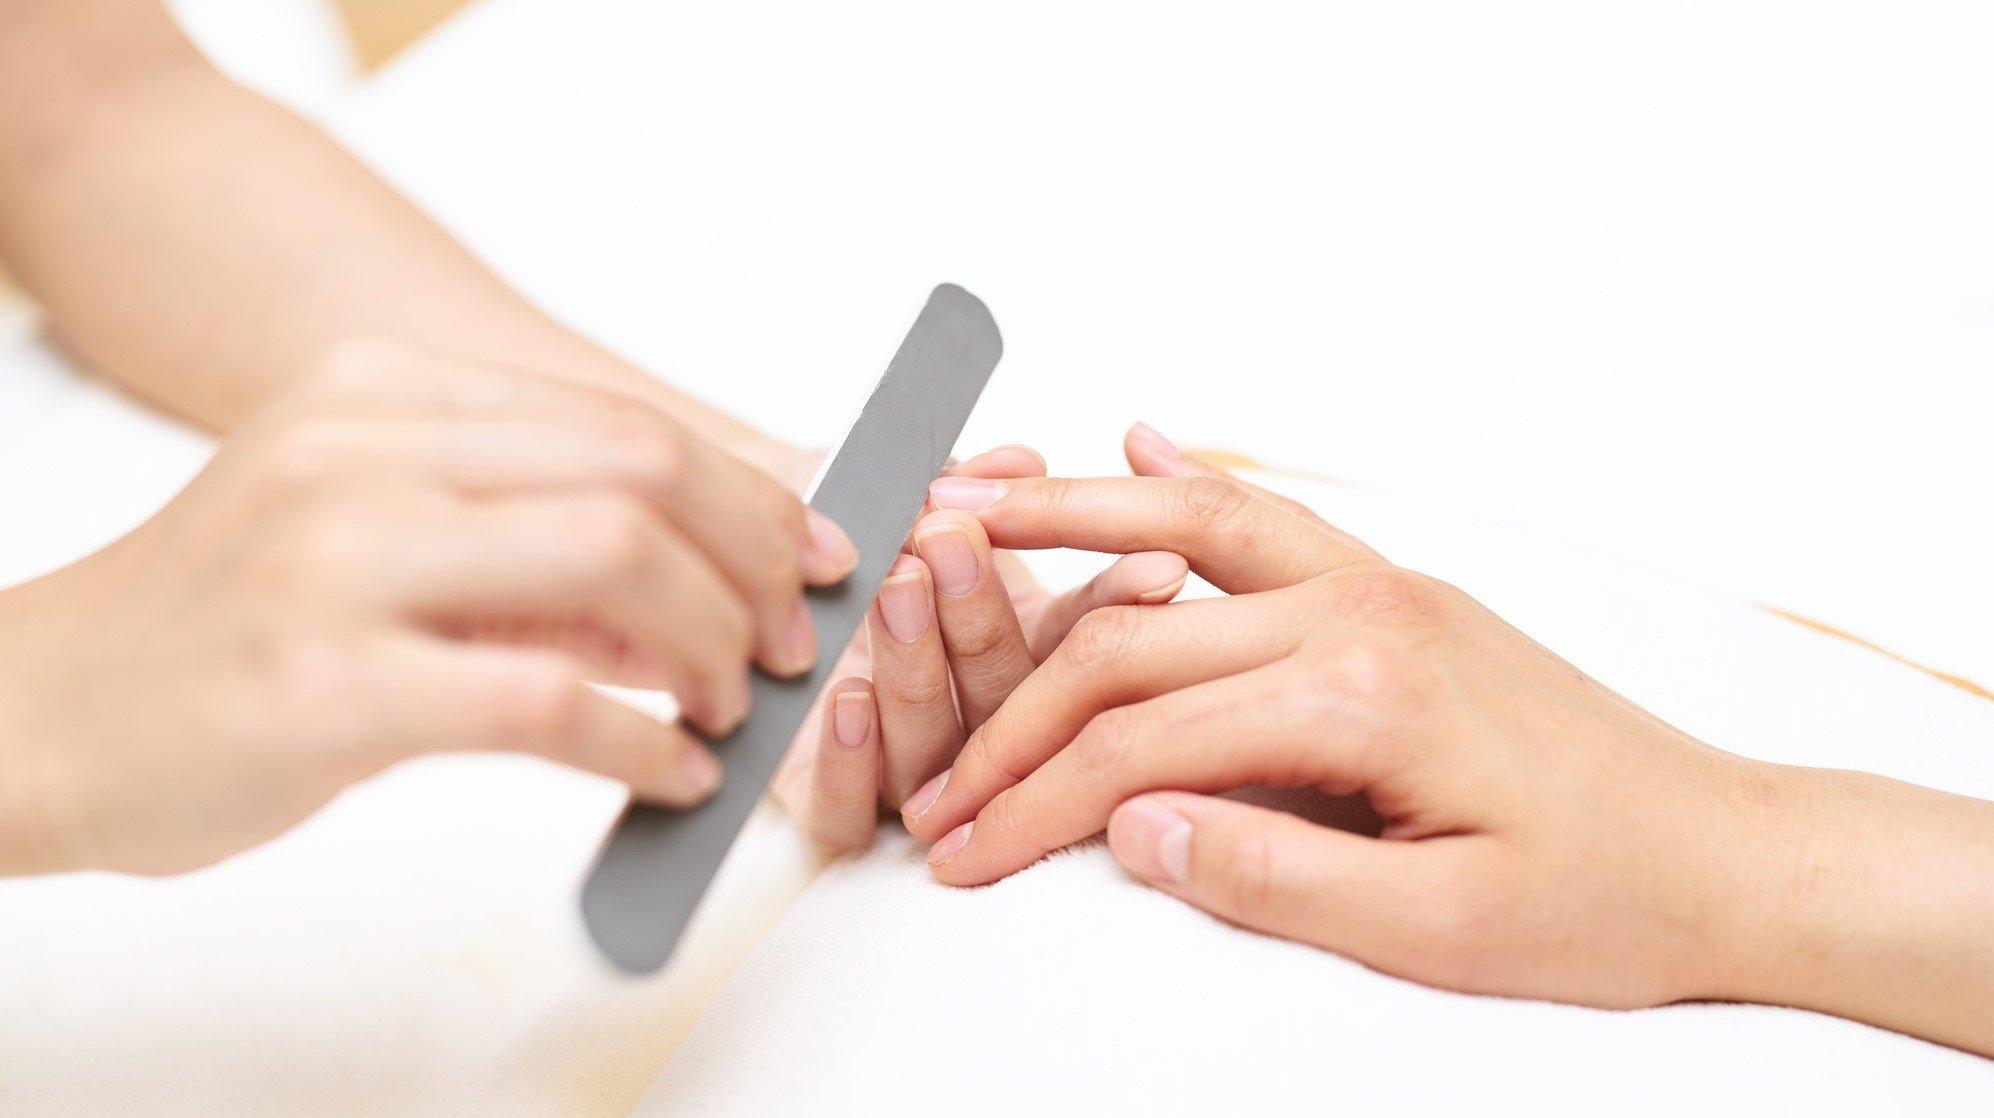 【HDC大阪 くらし向上計画】美しい手指で女子力アップ 大人女子のためのネイルケア